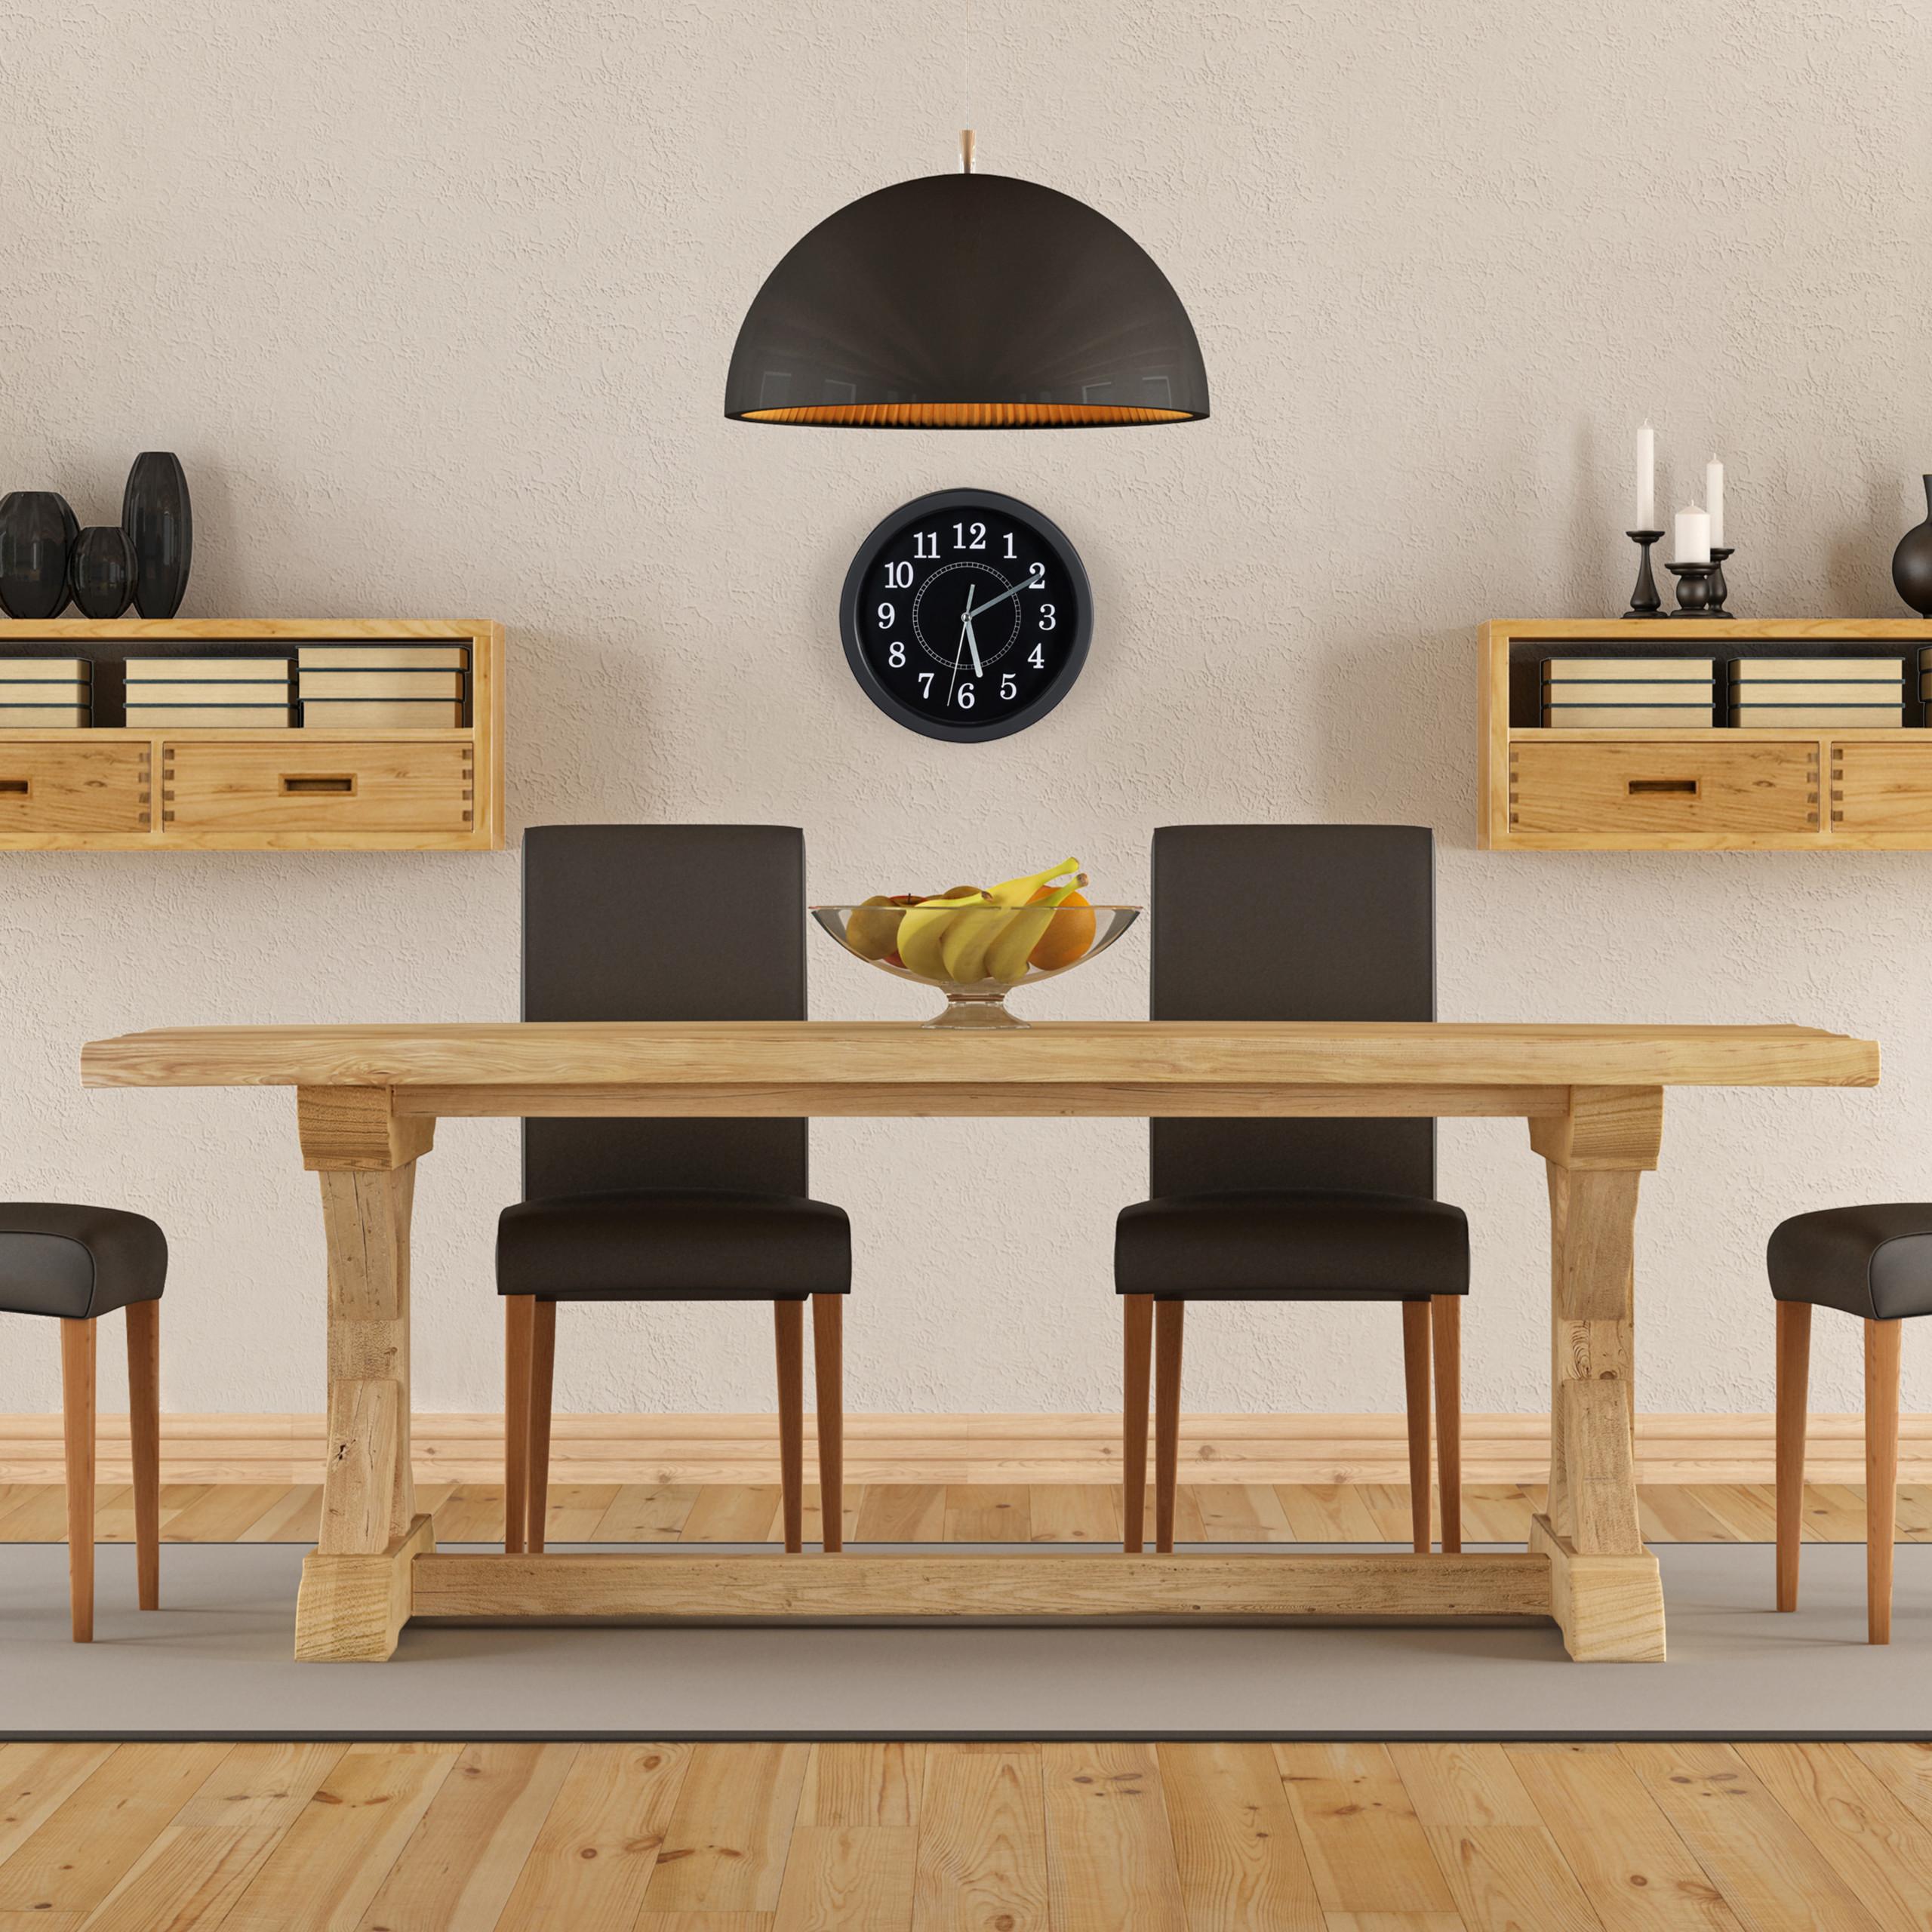 Kleine Wanduhr Classic Küchenuhr Wohnzimmeruhr Uhr Wand 20cm Weiß//Schwarz